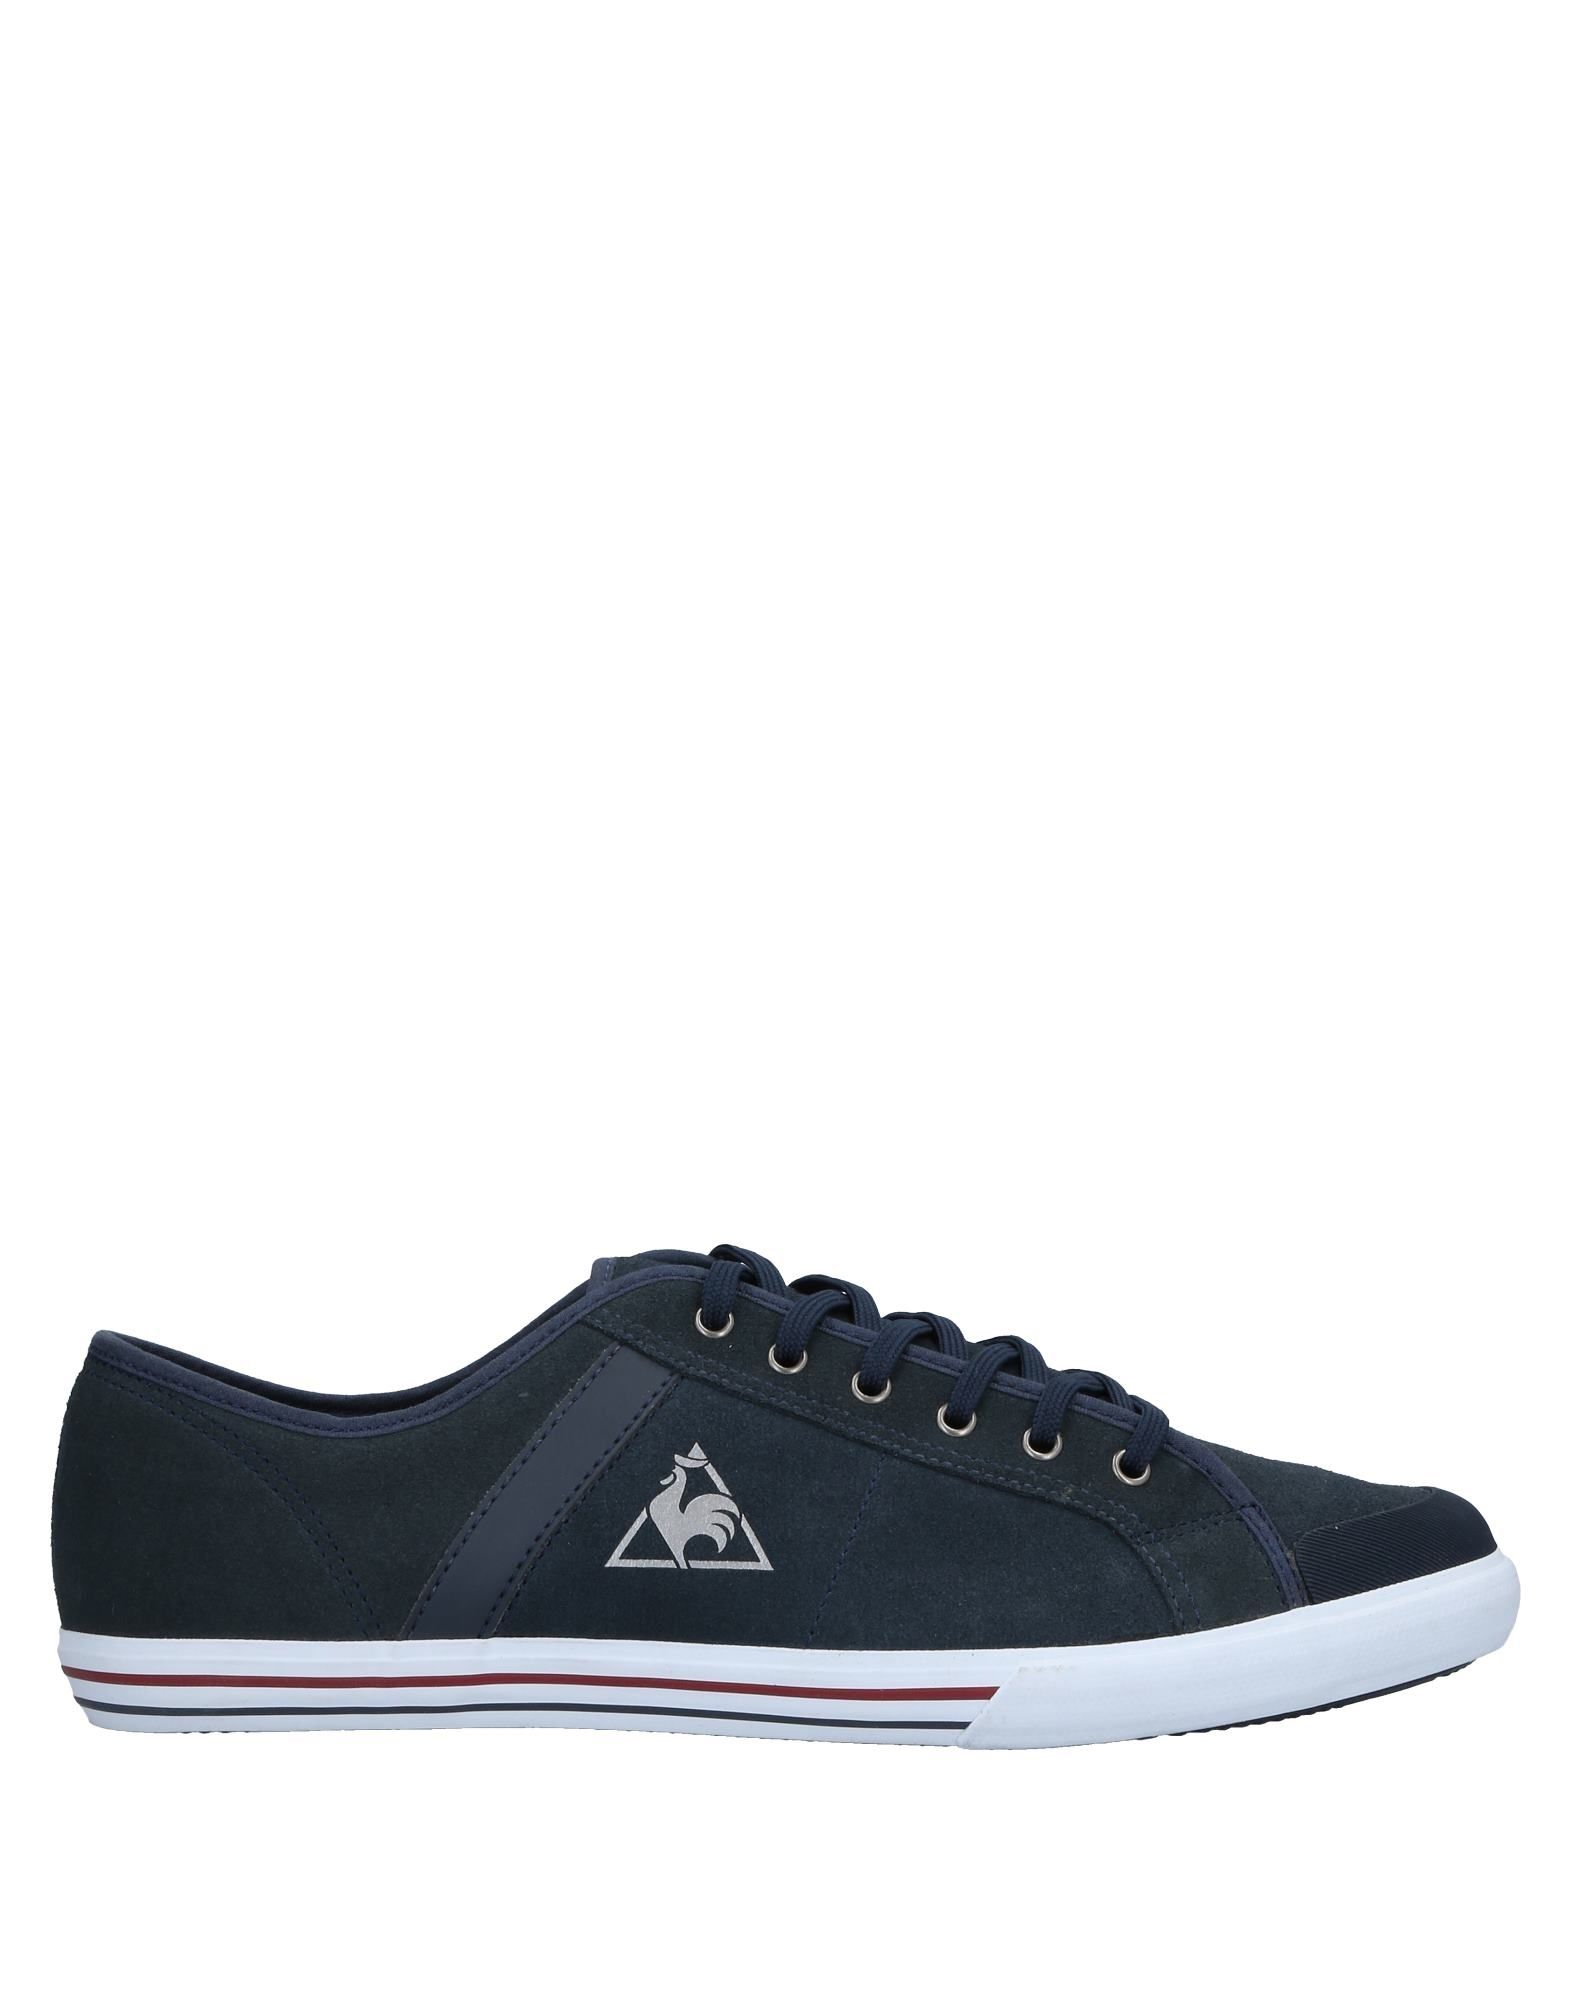 Sneakers Le Coq Sportif Uomo - 11534360XL